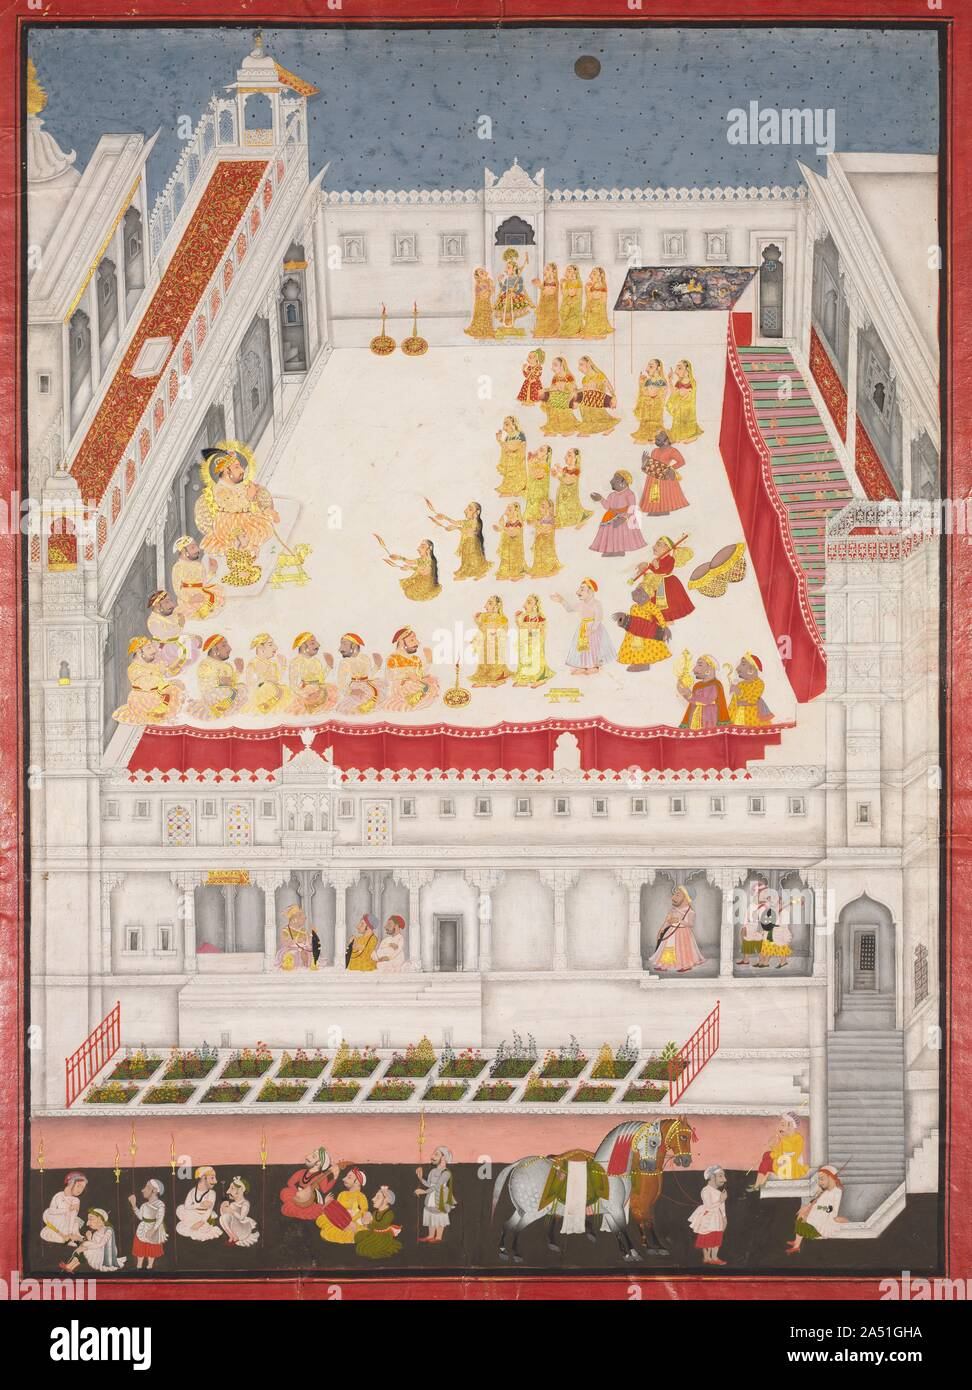 Maharajá Jagat Singh asistieron a la Raslila, 1736. Para celebrar el Año Nuevo festival de Diwali, Bailarines recrean la historia de la vida del dios hindú Krishna en un patio del palacio a la luz de las velas bajo la luna llena. El rey, un vasallo del emperador Mughal, sentada con el halo de sanción divina para su regla a la izquierda del patio, el tabaco de un narguile con forma de cabra de oro, con su joven hijo y heredero a su lado. En la parte superior de la composición, una bailarina vestida de azul, con una corona de plumas de pavo real reproduce la parte de Krishna. En la esquina superior derecha, una bóveda pintada con remolinos de nubes de tormenta s Foto de stock